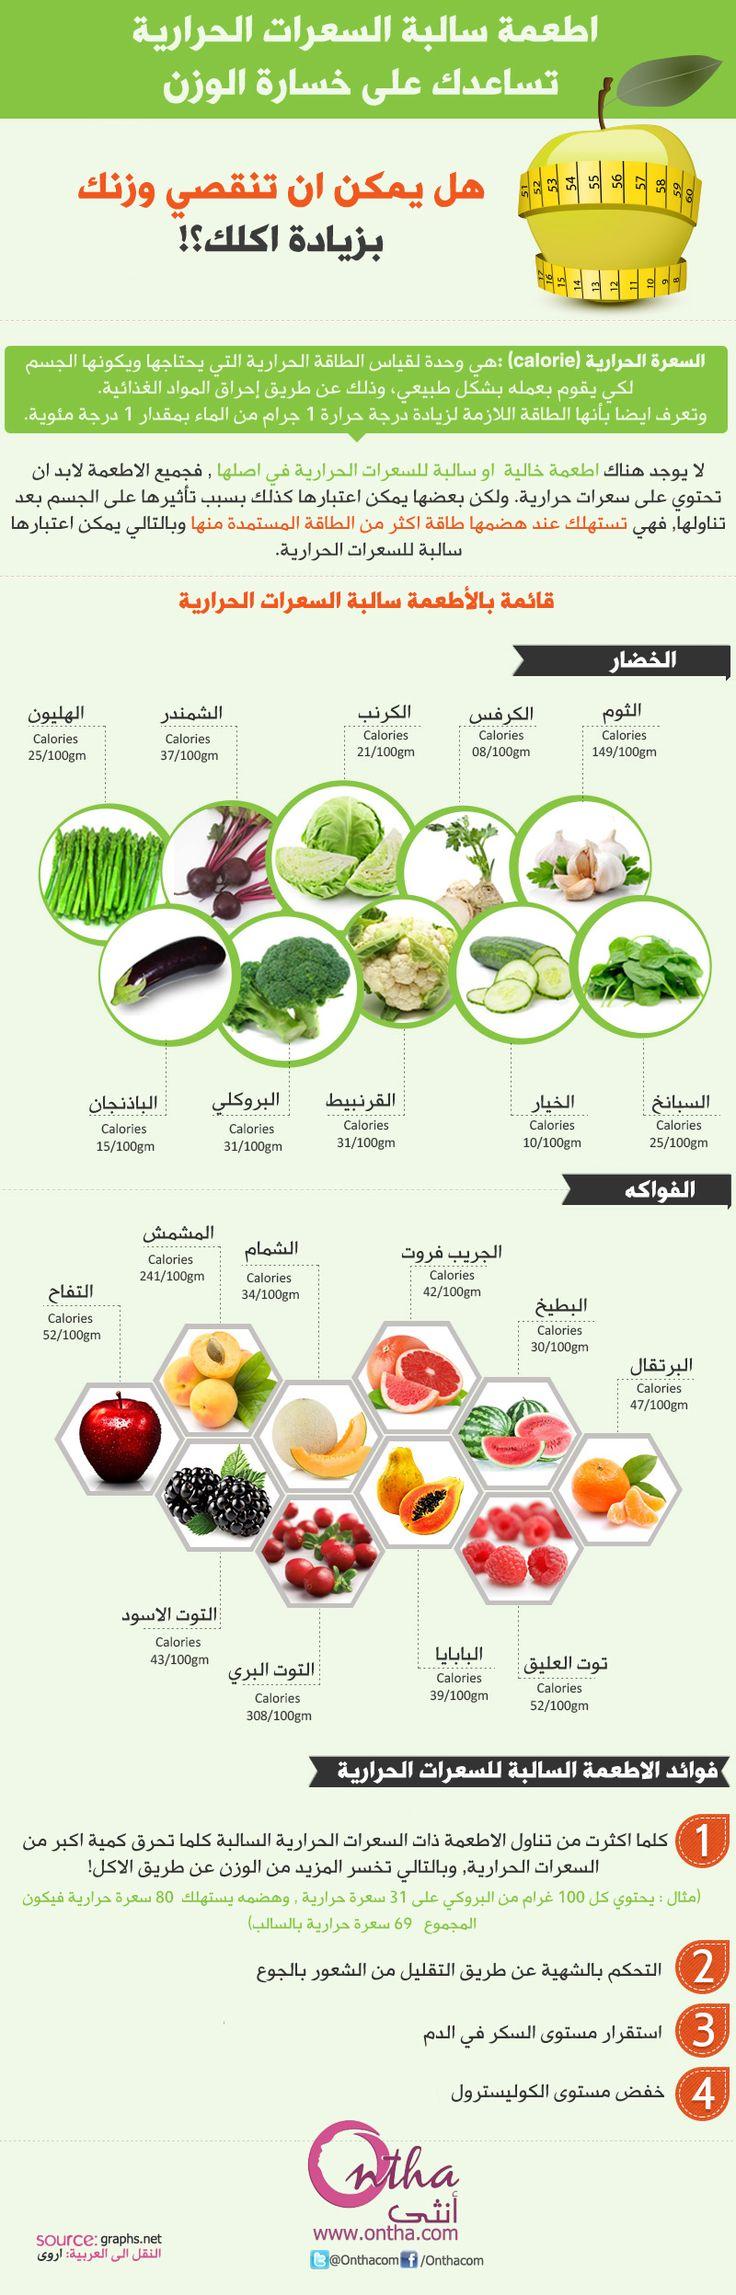 اطعمة سالبة السعرات الحرارية تساعدك على انقاص وزنك بزيادة اكلك! - أنثى